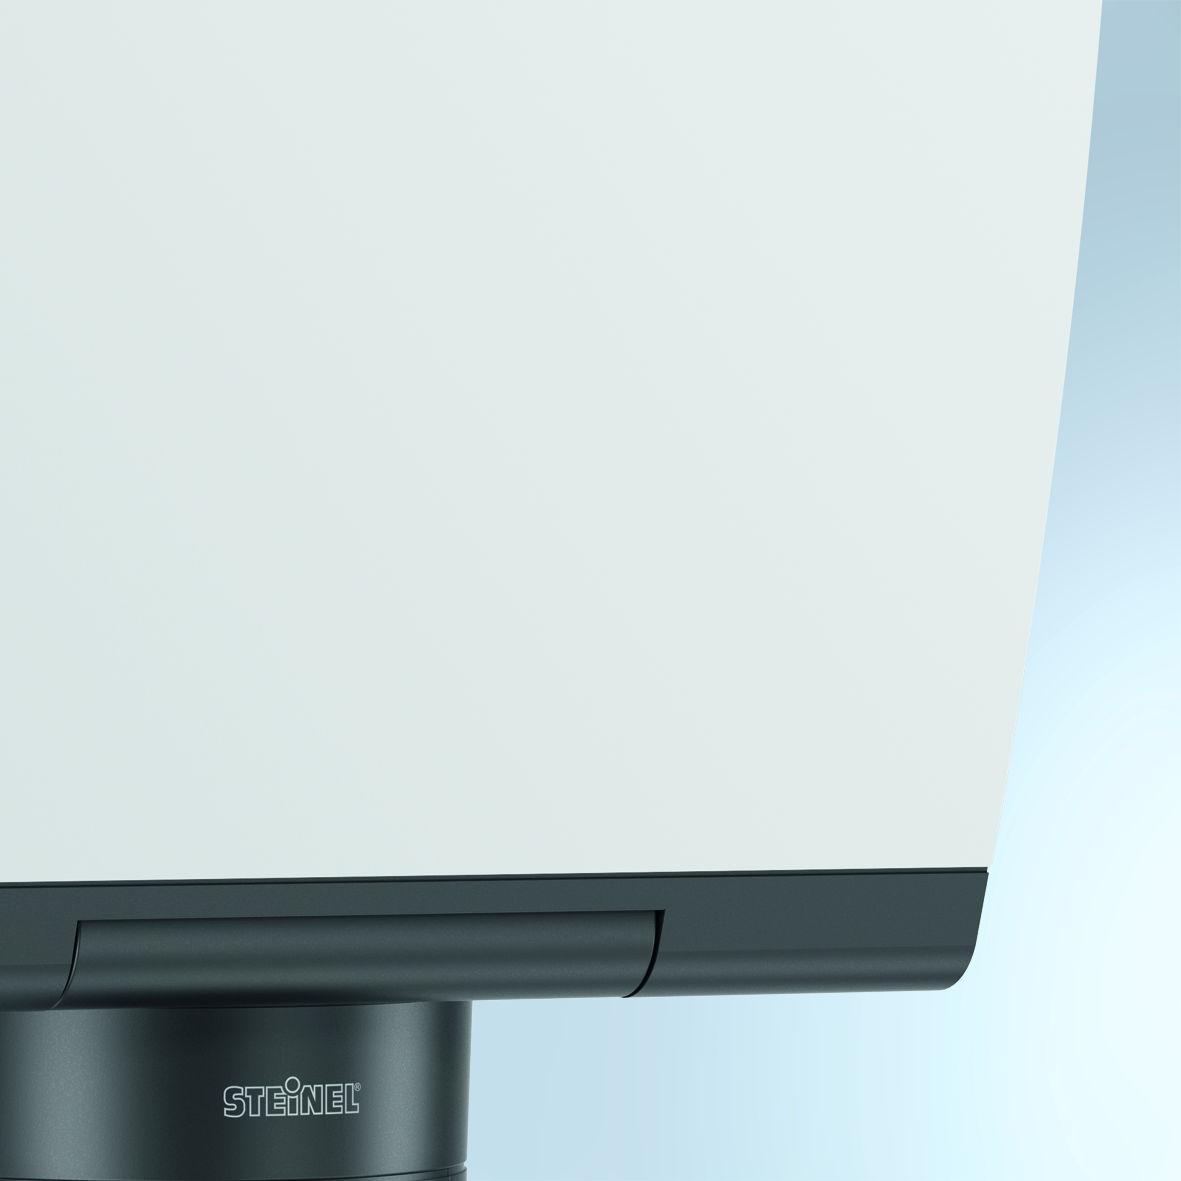 steinel led strahler xled home 2 xl graphit 1608 lm 140. Black Bedroom Furniture Sets. Home Design Ideas